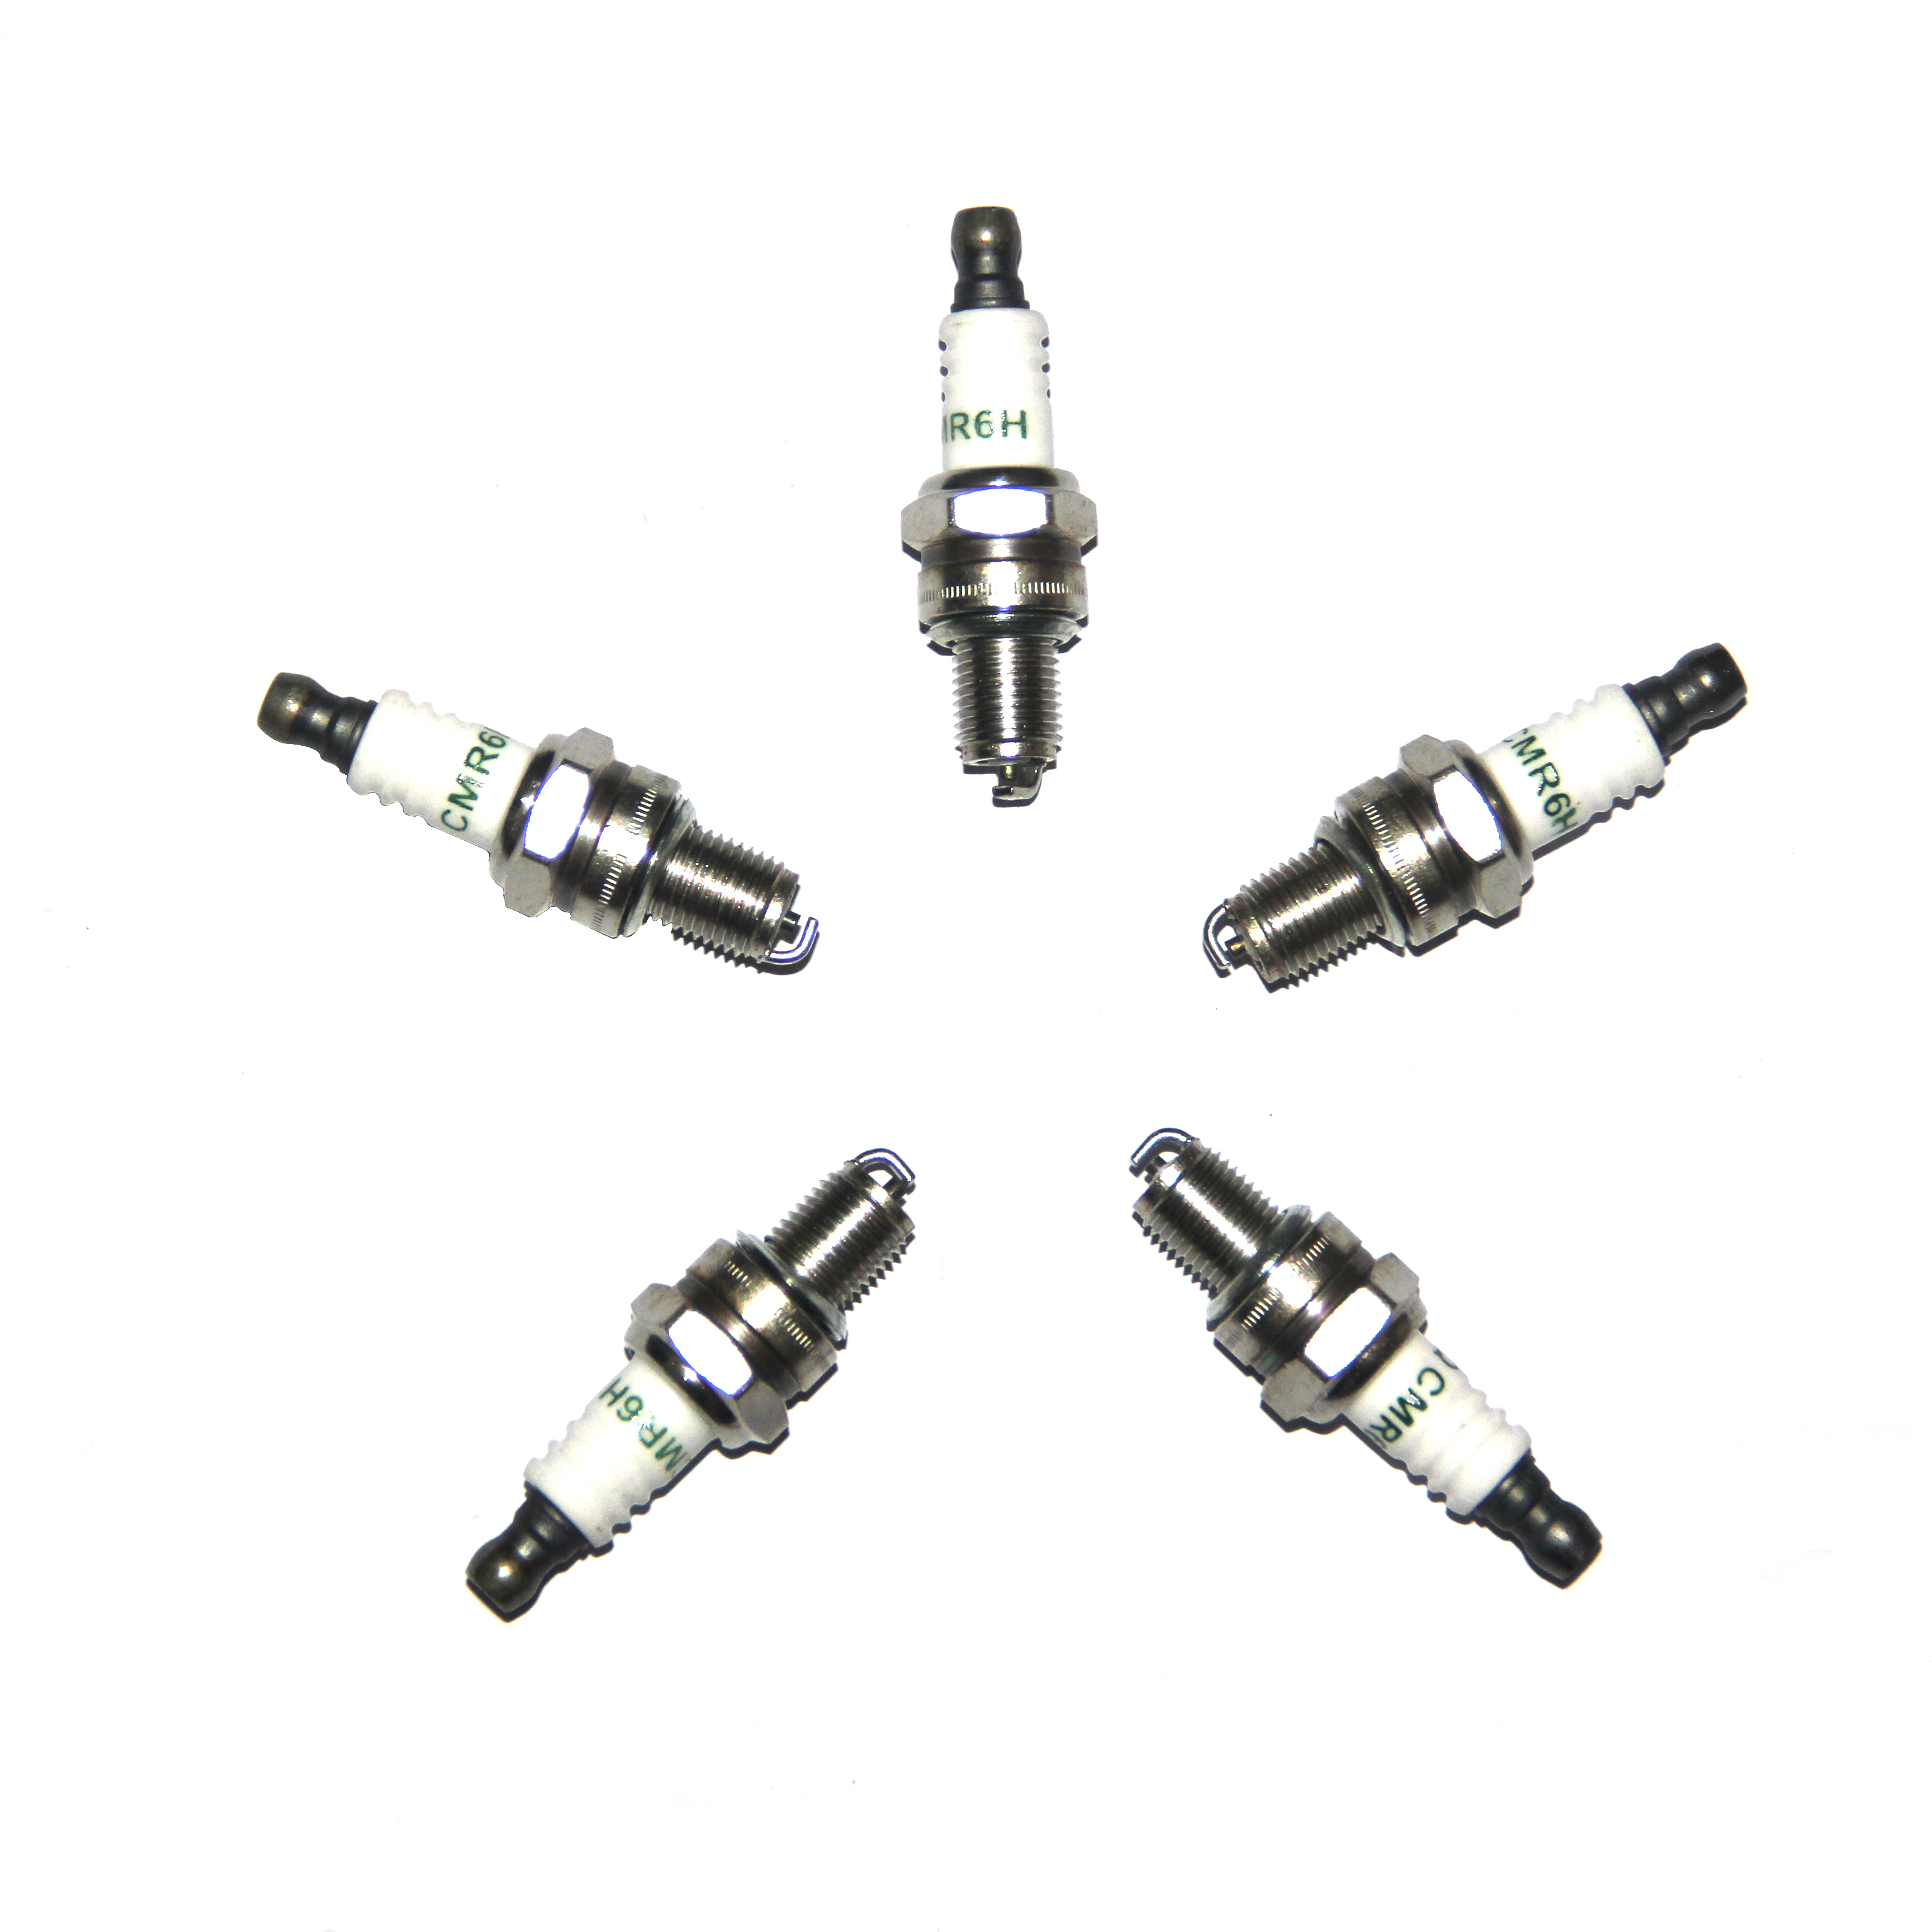 Spark Plug CMR6H For Husqvarna 226HS 130BT 150BT 170BF 180BF 350BF 370BTS 380BTS 560BFS 570BTS 580BFS 530BT 233RJ 243R 253R 150B